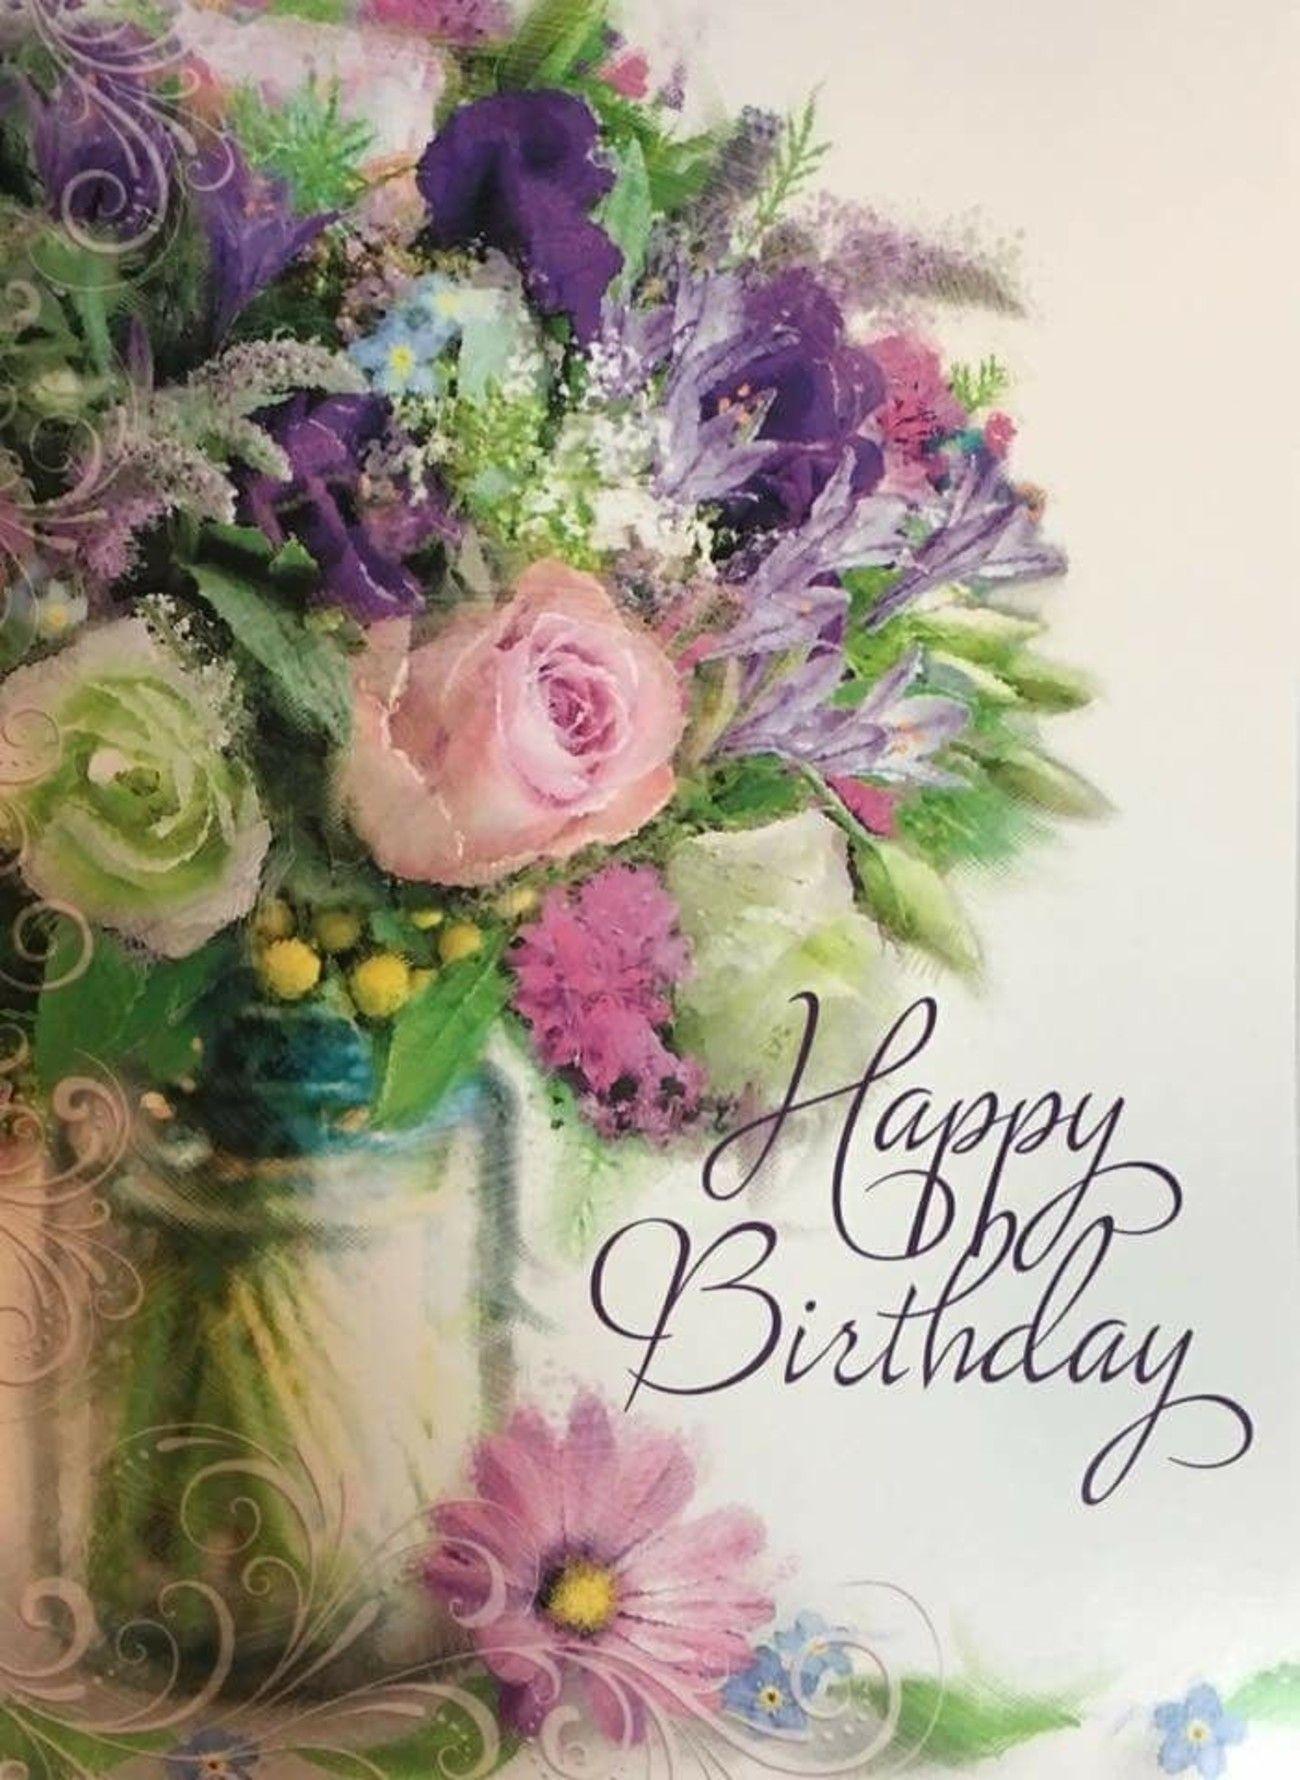 Buon Compleanno Mamma Inglese.Auguri Di Buon Compleanno In Inglese 205 Buongiorno Immagini It